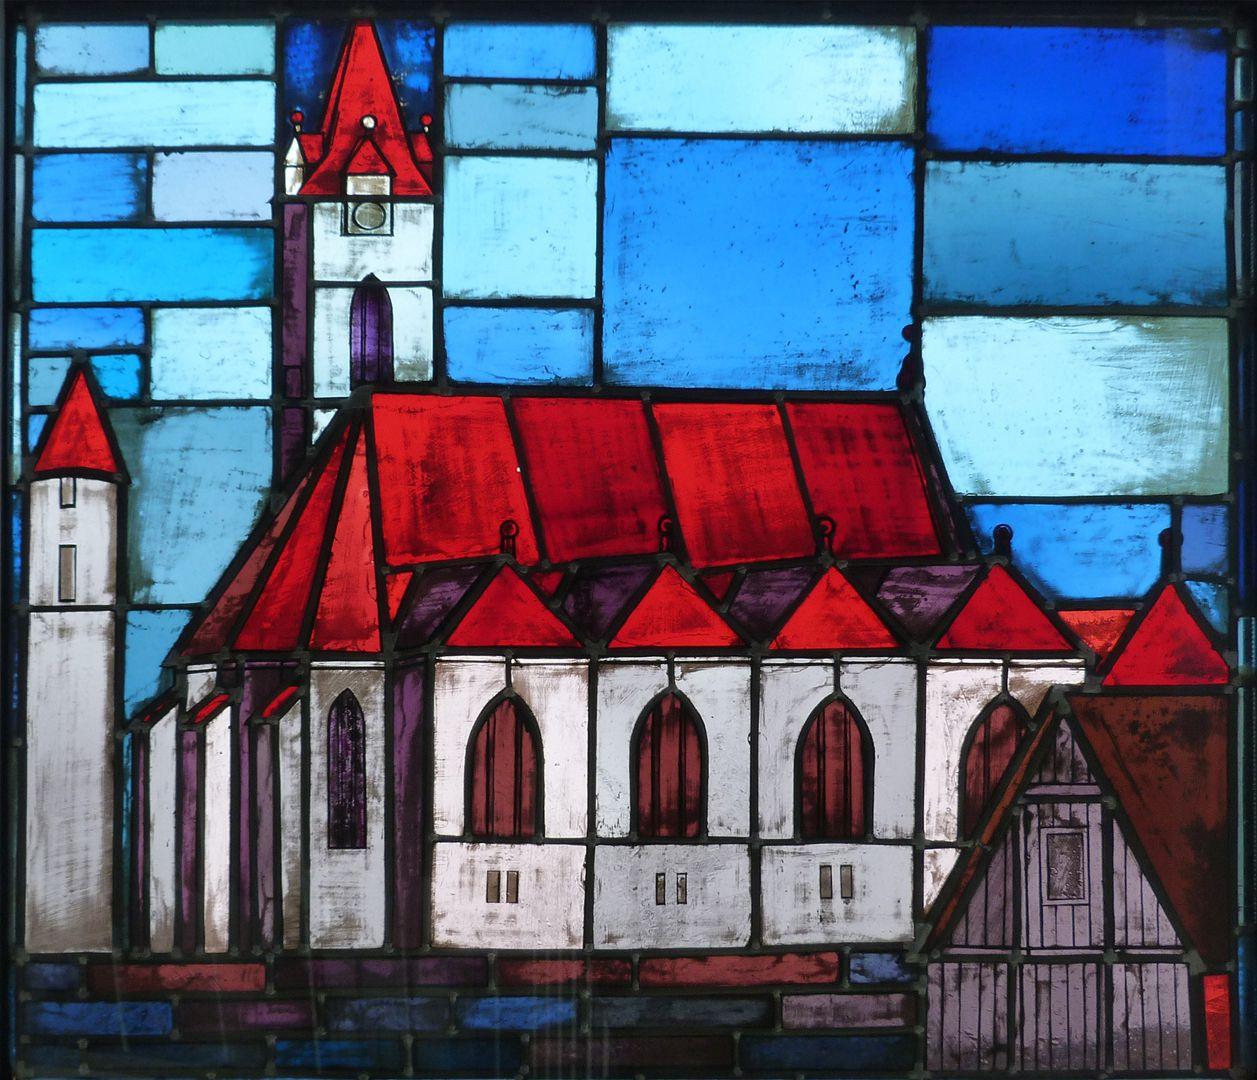 Glasfenster zur Stadtgeschichte Treppenaufgang zum dritten Stock, Jakobuskirche in Schönberg (Eingemeindung 1972)